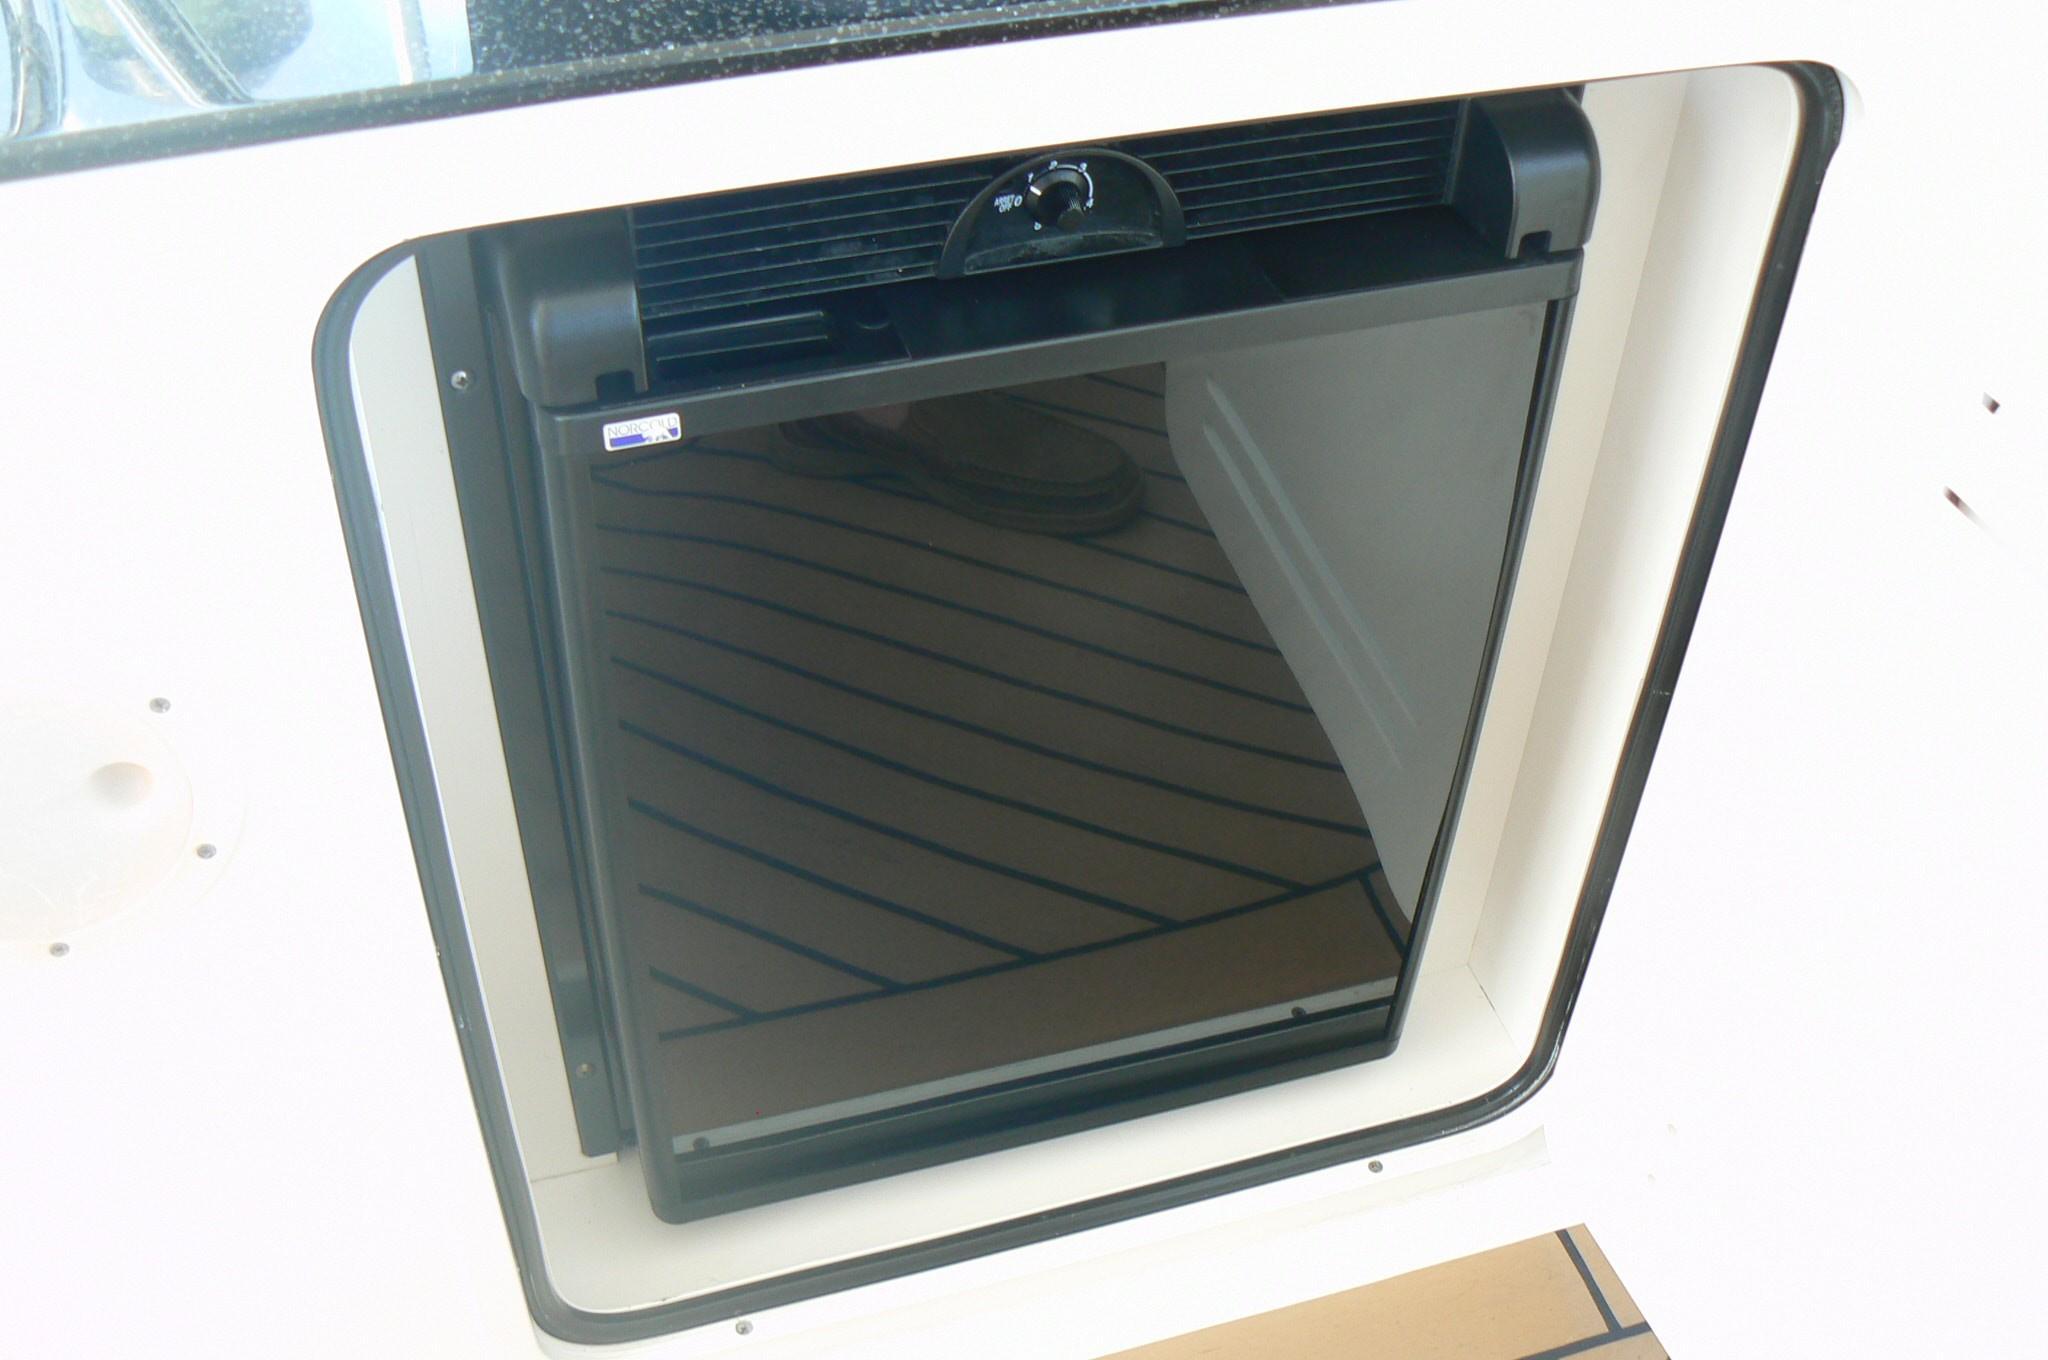 Helm Refrigerator